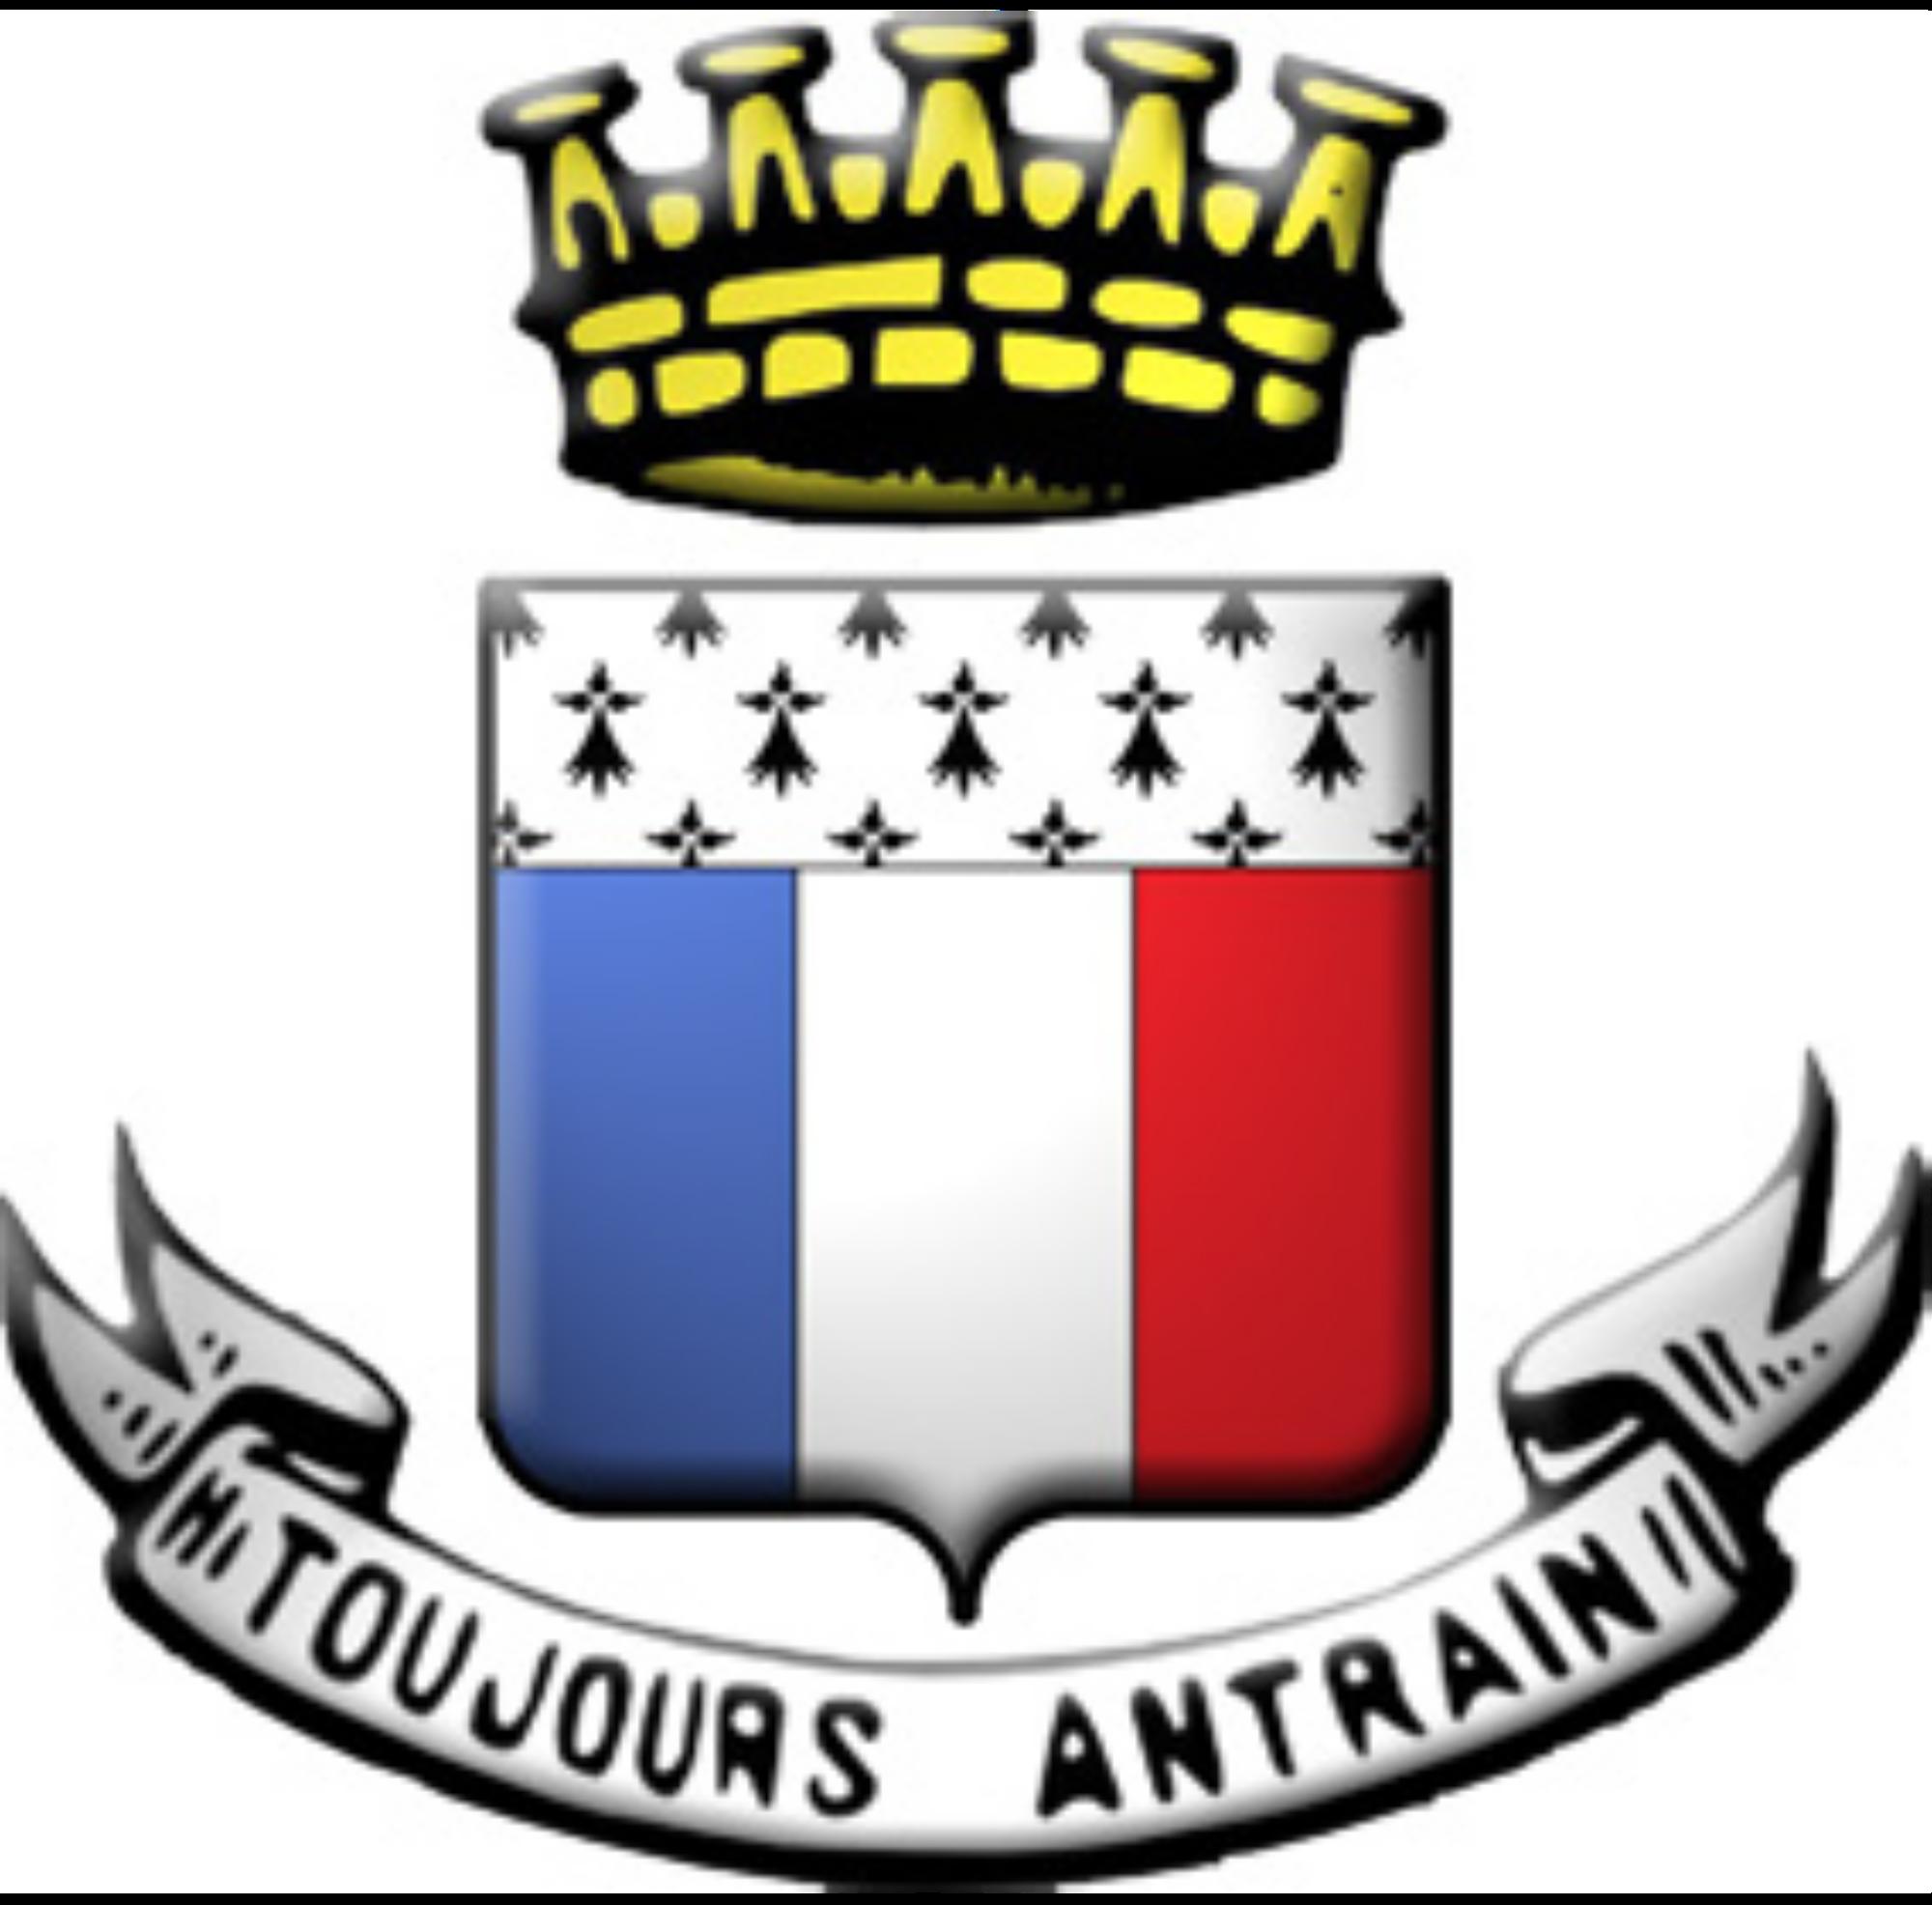 File:Armoiries de la ville d'Antrain (Ille et Vilaine).svg.